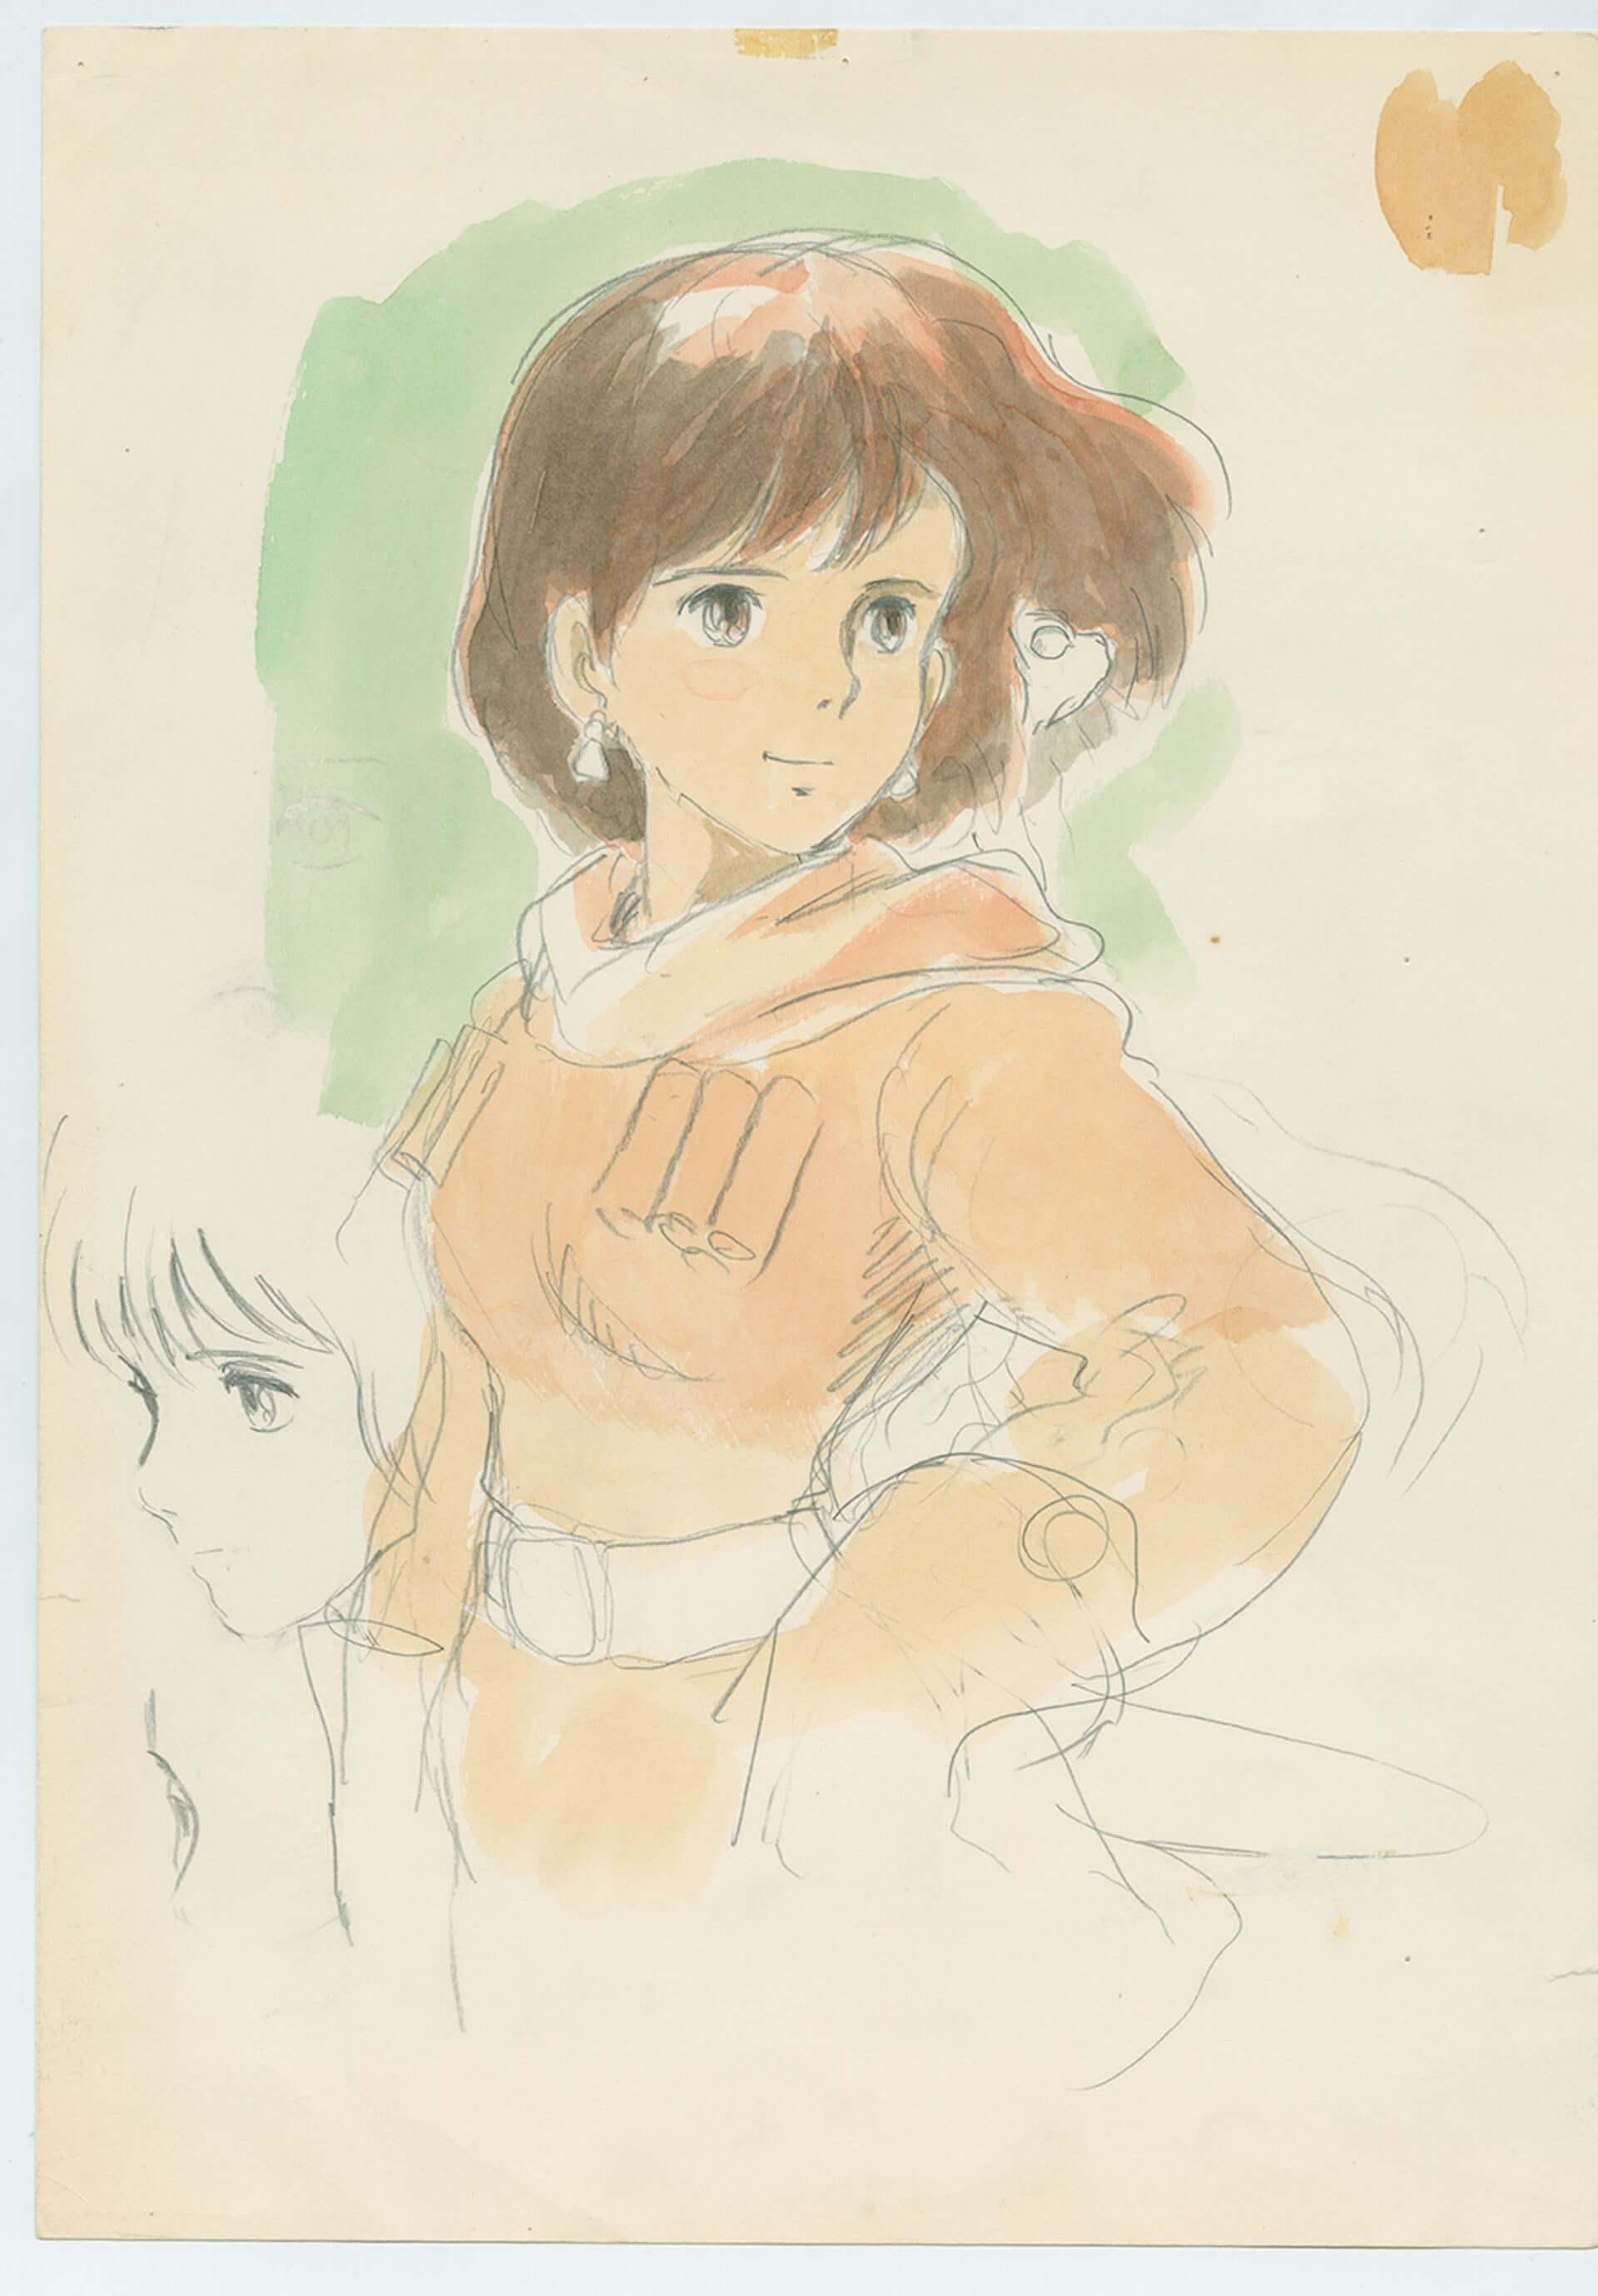 スタジオジブリとアカデミー映画博物館がコラボ!宮崎駿のキャリアを辿る<宮崎駿展>が開催決定&鈴木敏夫のコメントも到着 art200911_hayao-miyazaki_1-1920x2758